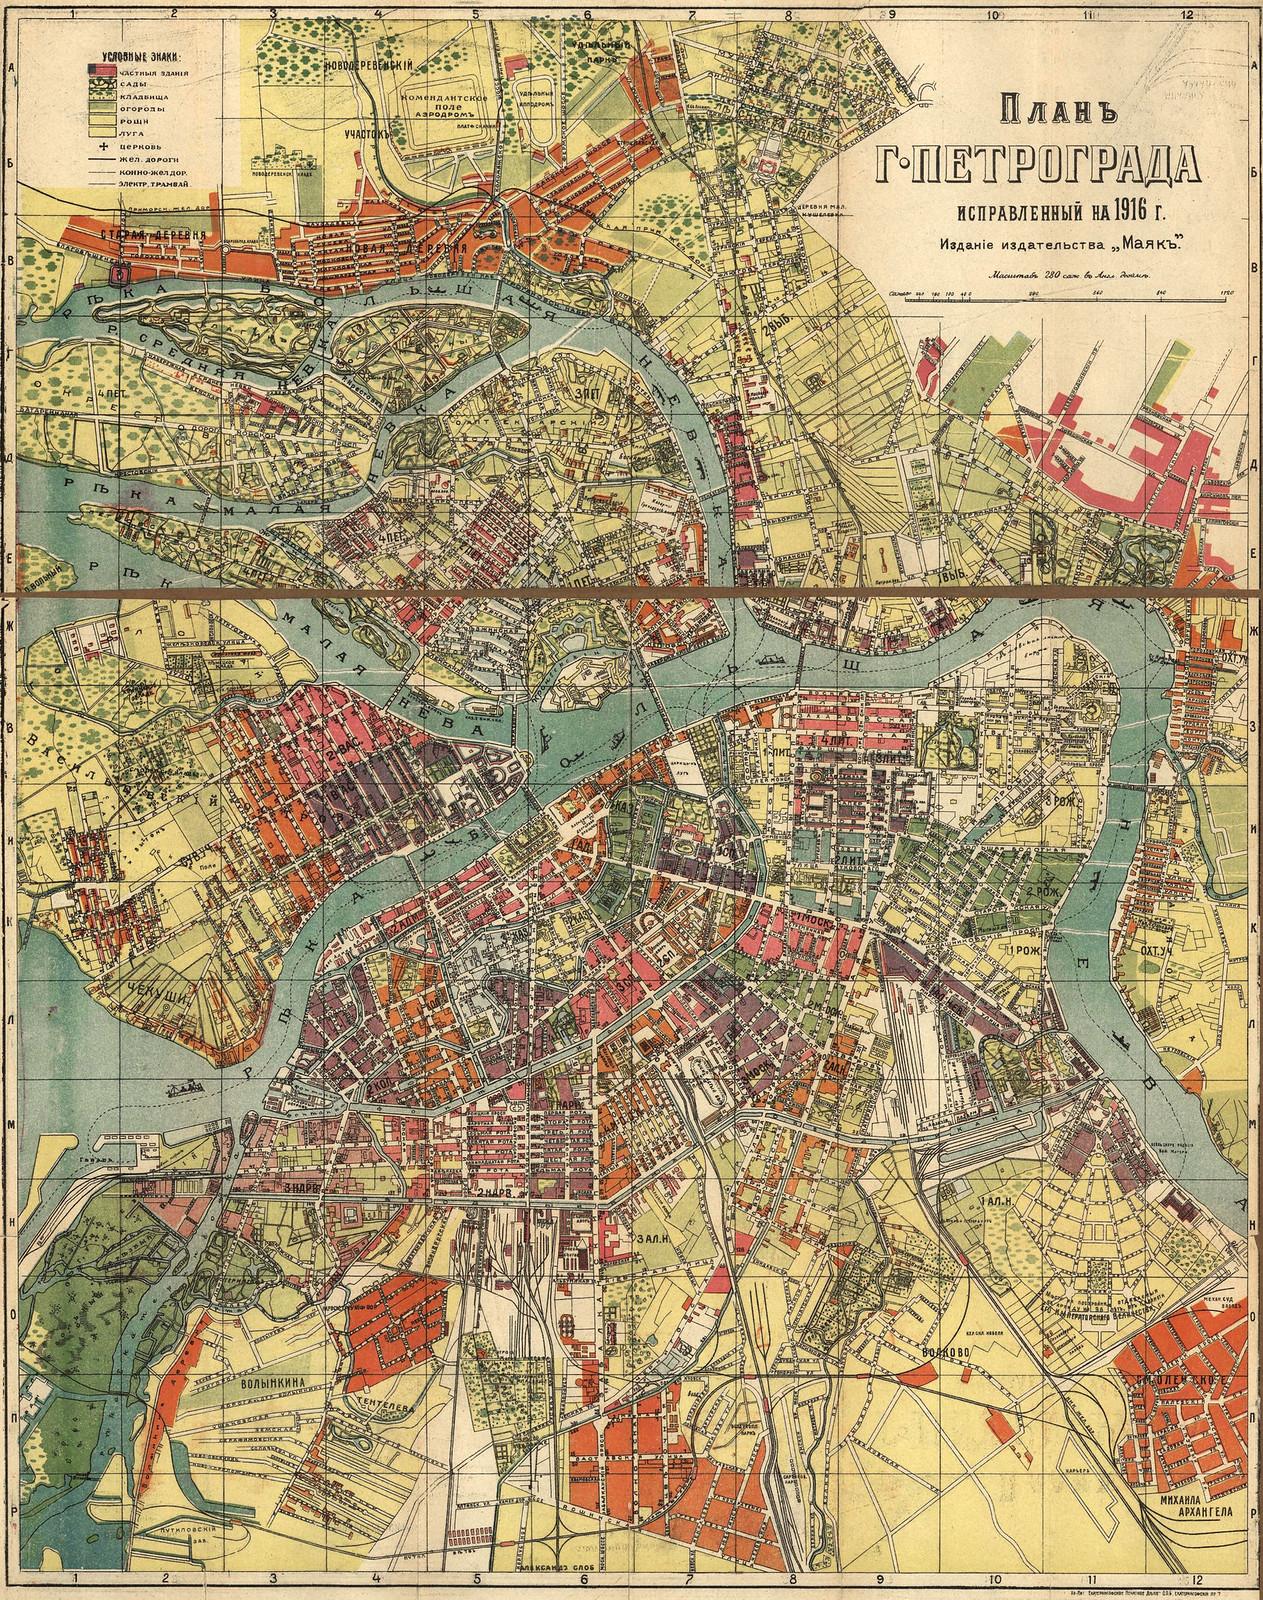 1916. План Петрограда, исправленный на 1916